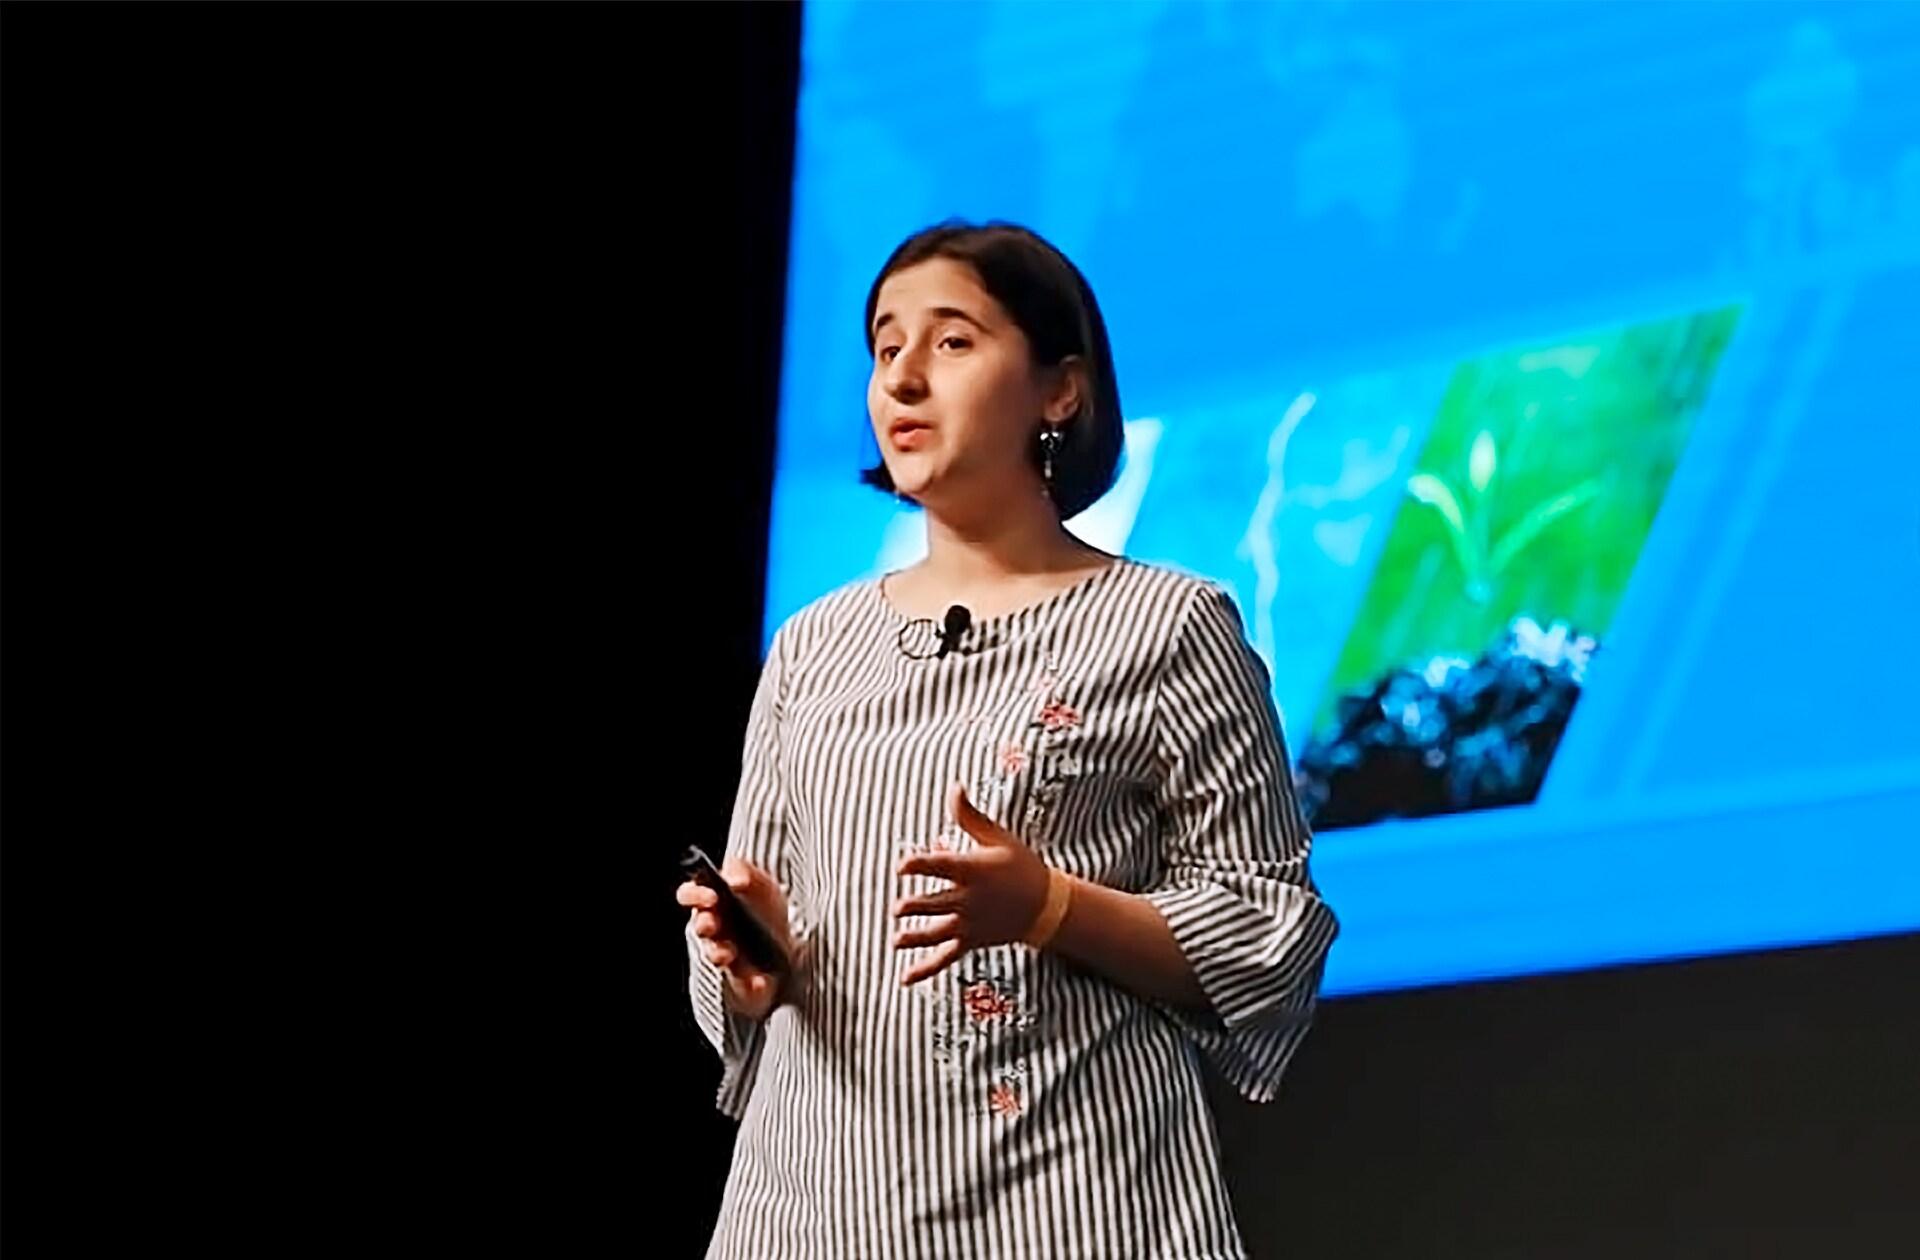 Reyhan Jamalova (18), ustanoviteljica Rainergy, je razvila napravo, ki generira energijo iz deževnice, ko je bila stara 14 let. Njena naprava zbira deževnico in ob tem poganja kolo, ki ustvarja elektriko. S tem zmanjšuje pritisk na lokalno elektroenergetsko omrežje in izpuste CO2.